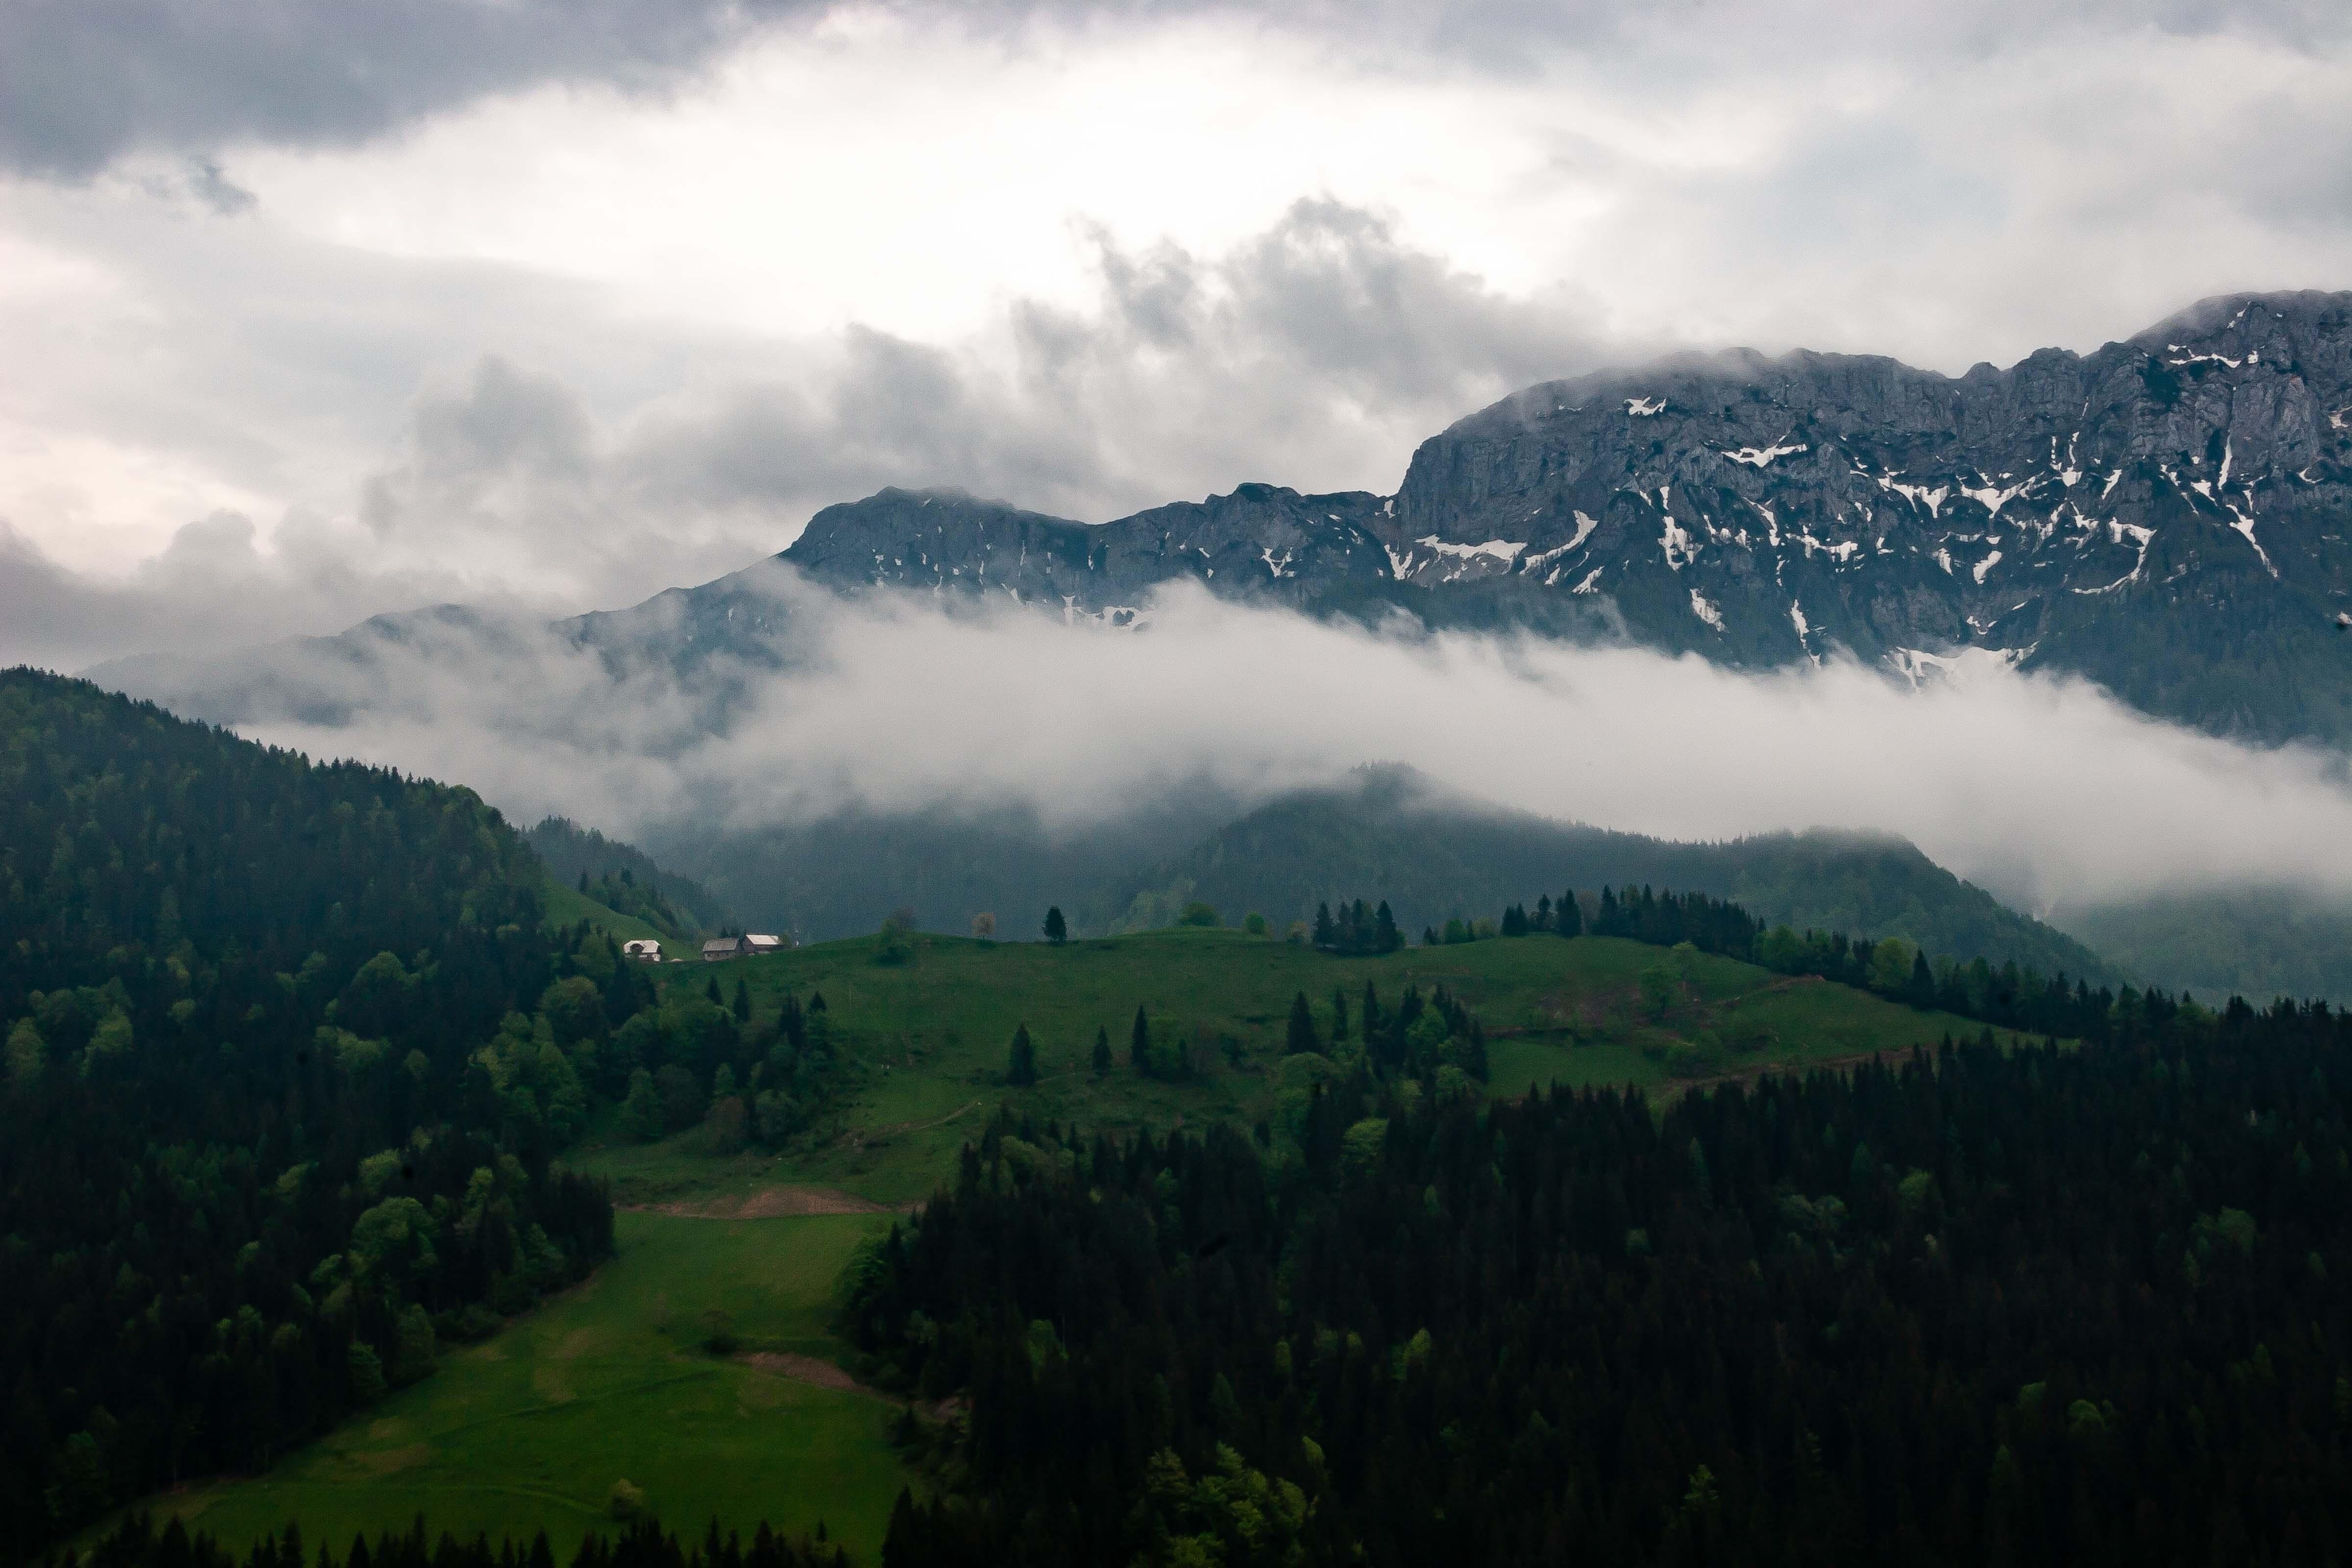 Slovenia, Solcava Prov, Mountain Scene, 2006, IMG 8423